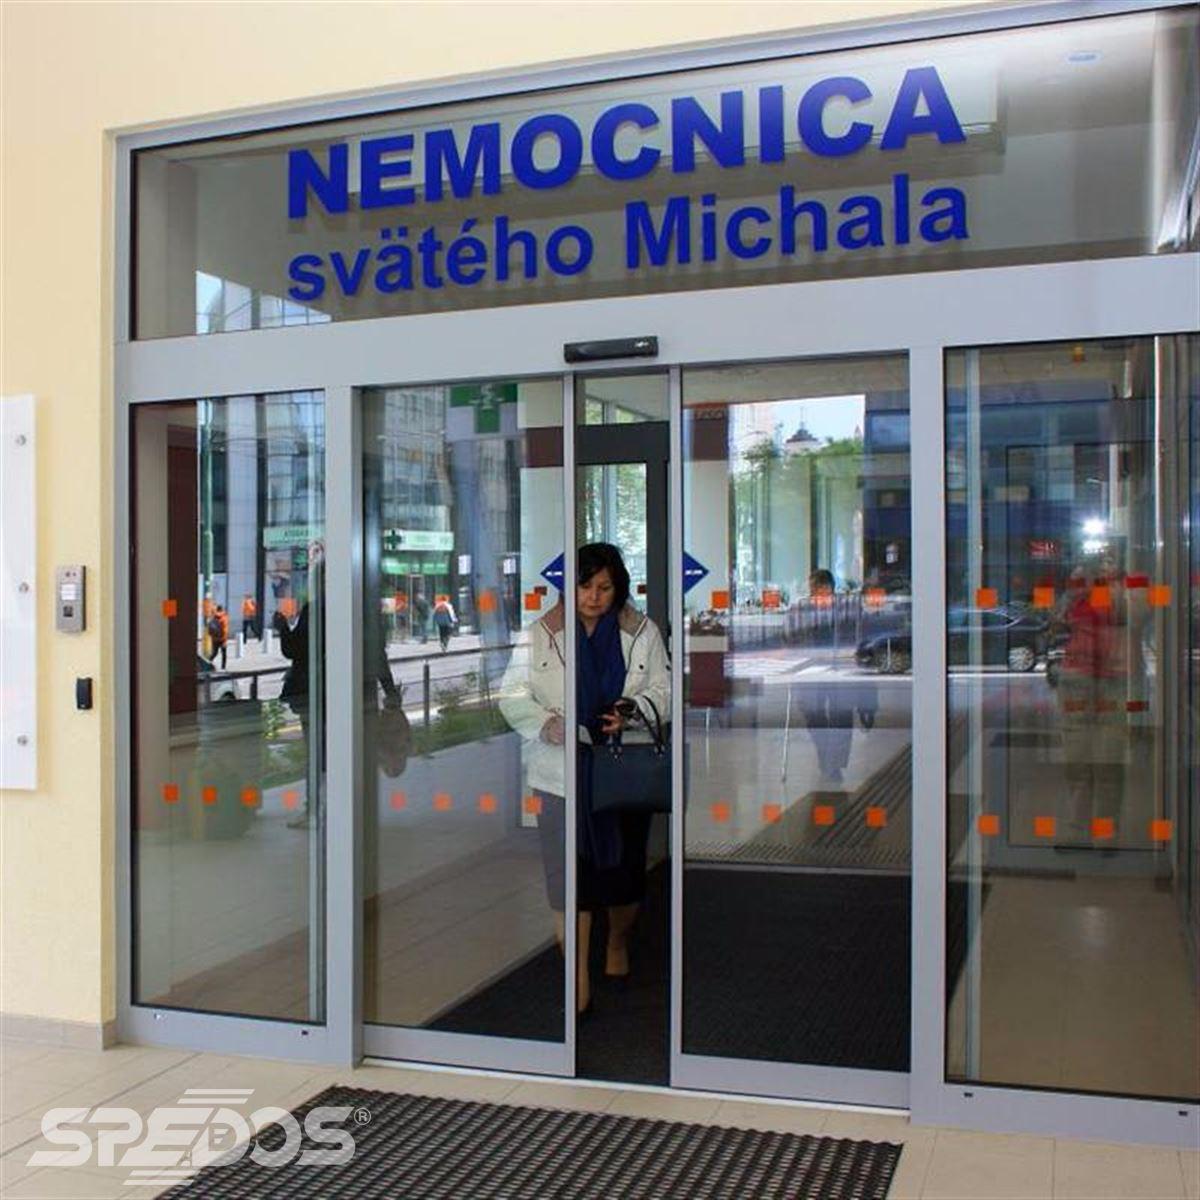 Dvoukřídlé automatické posuvné dveře pro nemocnici sv. Michala 8